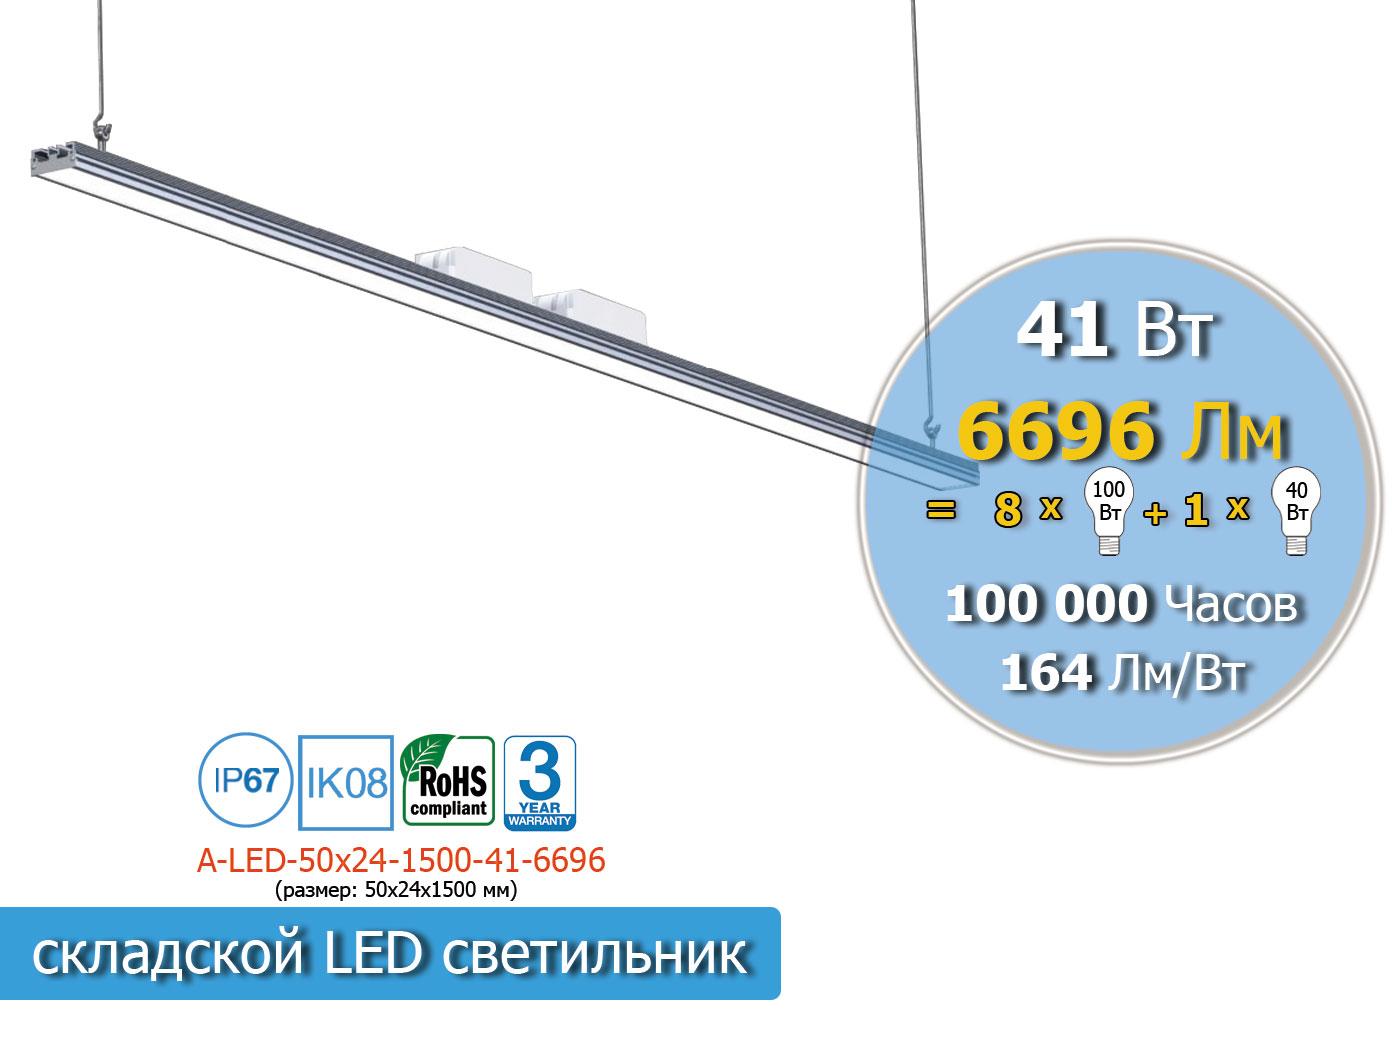 A-LED-50x24-1-1500-41-6696